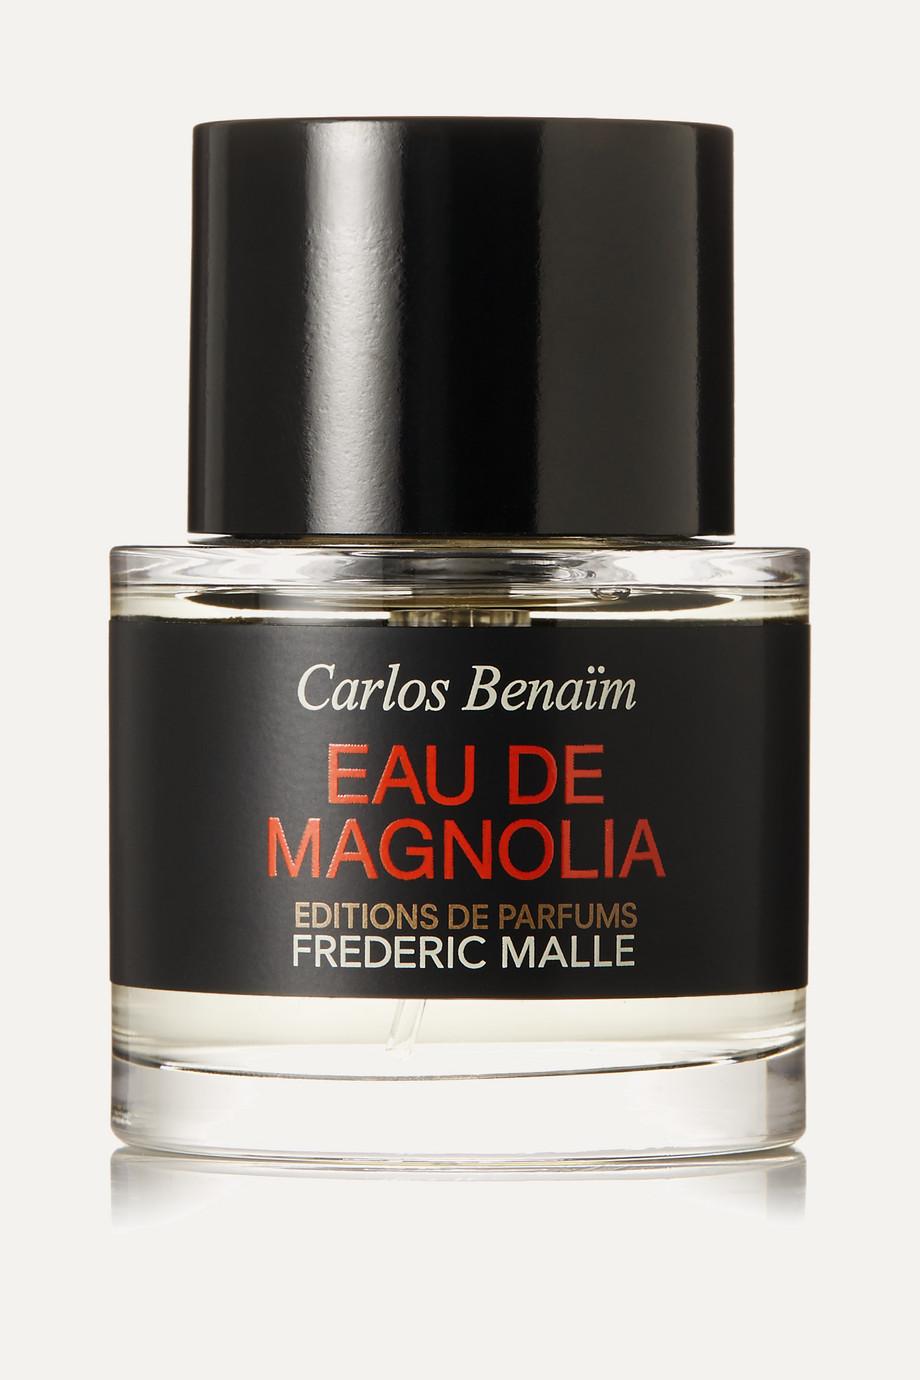 Frederic Malle Magnolia Eau de Toilette - Magnolia Grandiflora & Haitian Vetiver, 50ml